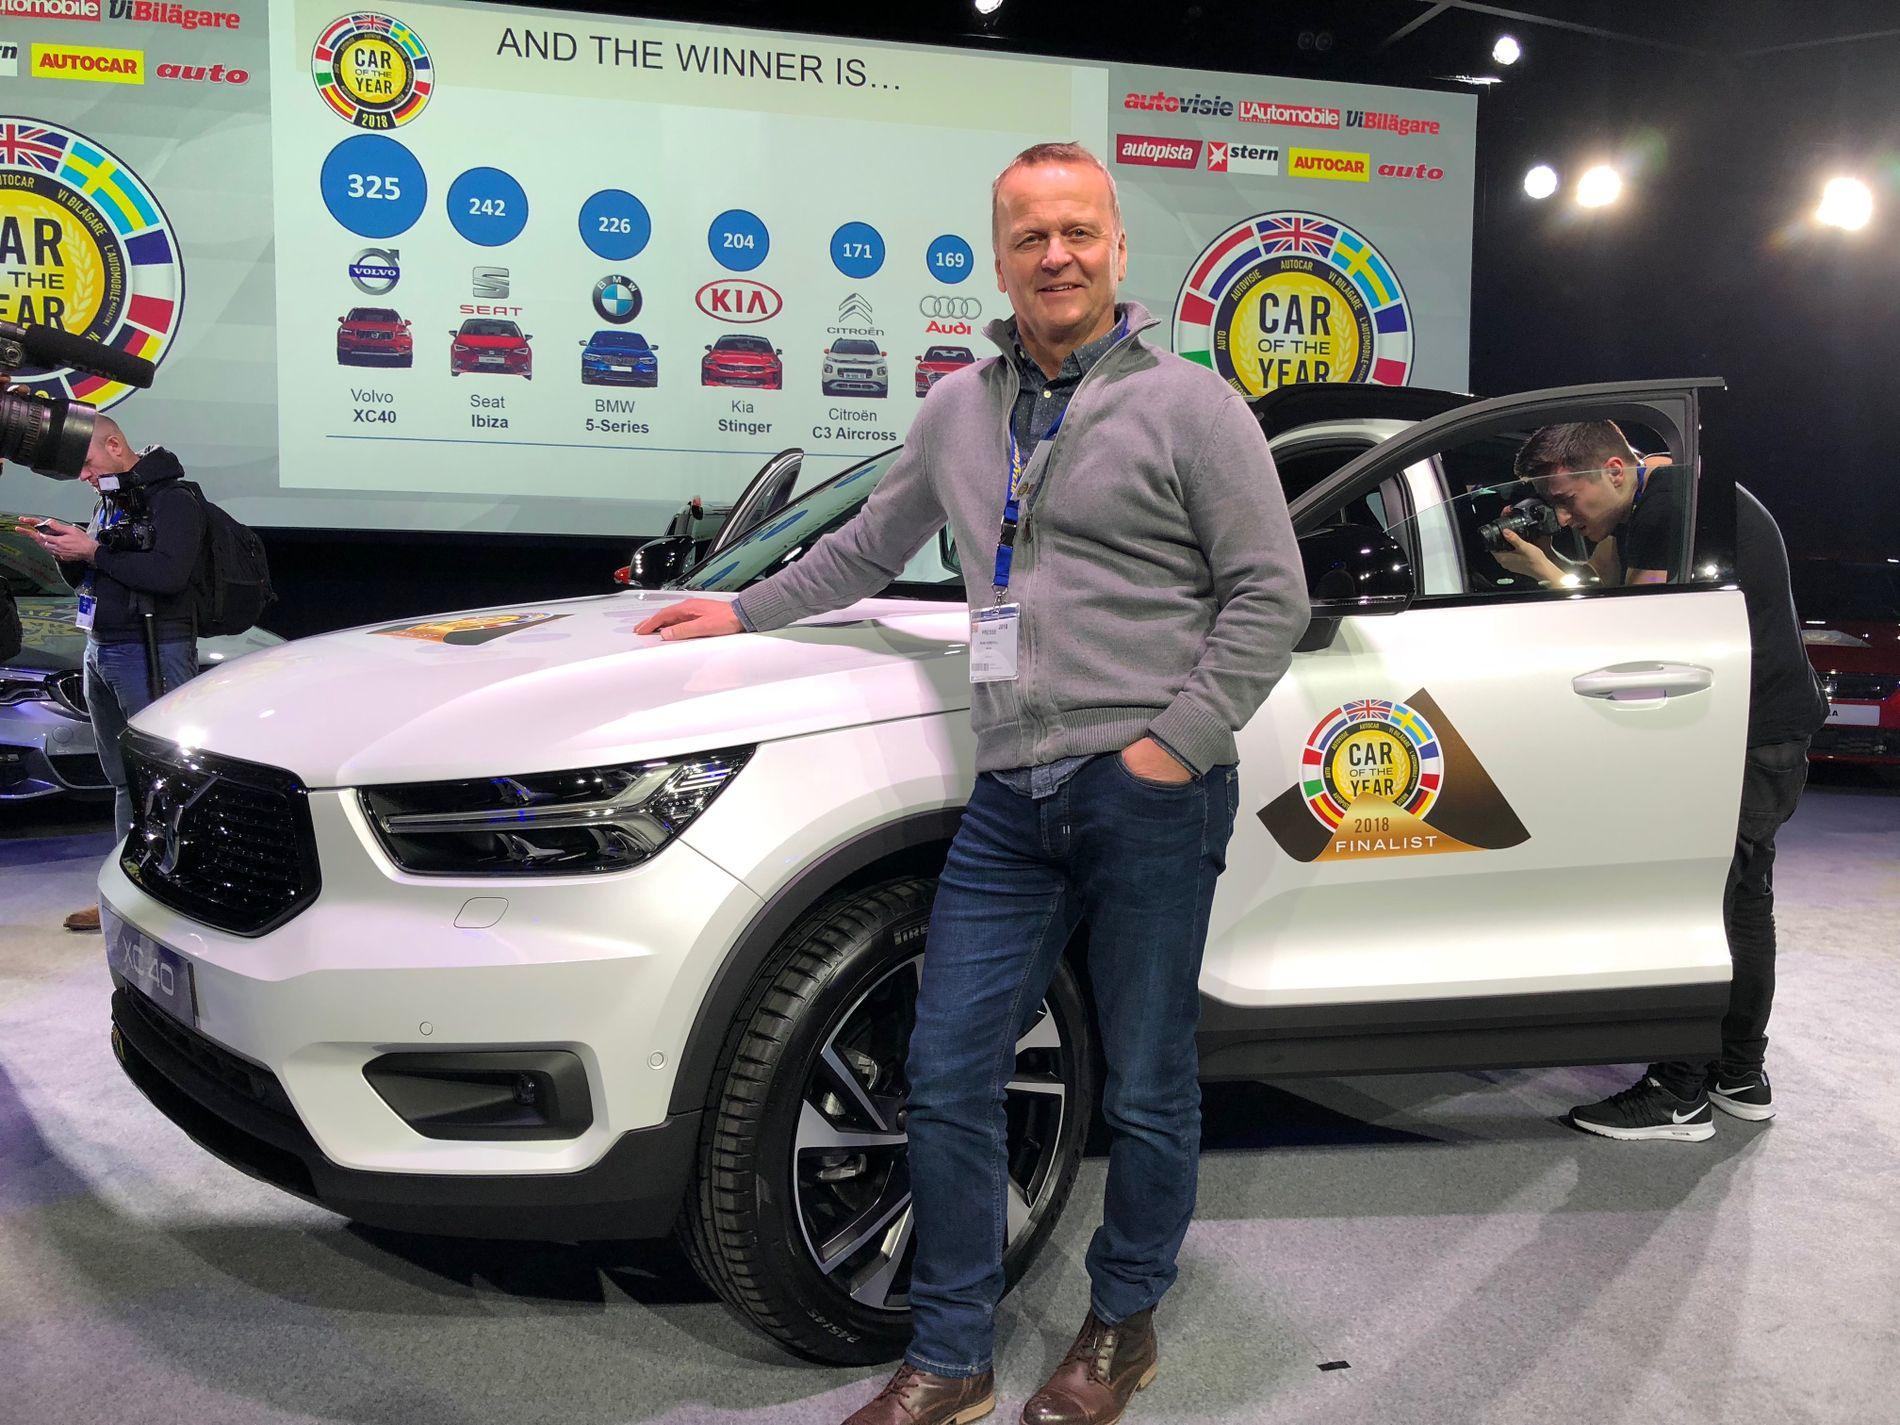 SVENSK UTKLASSING:  Det eneste norske jurymedlemmet, biljournalist Rune Korsvoll, hadde ikke problemer med å bestemme seg hvem han ville gi sine poeng til. Han ga flest av sine poeng (9) til Volvo XC40.